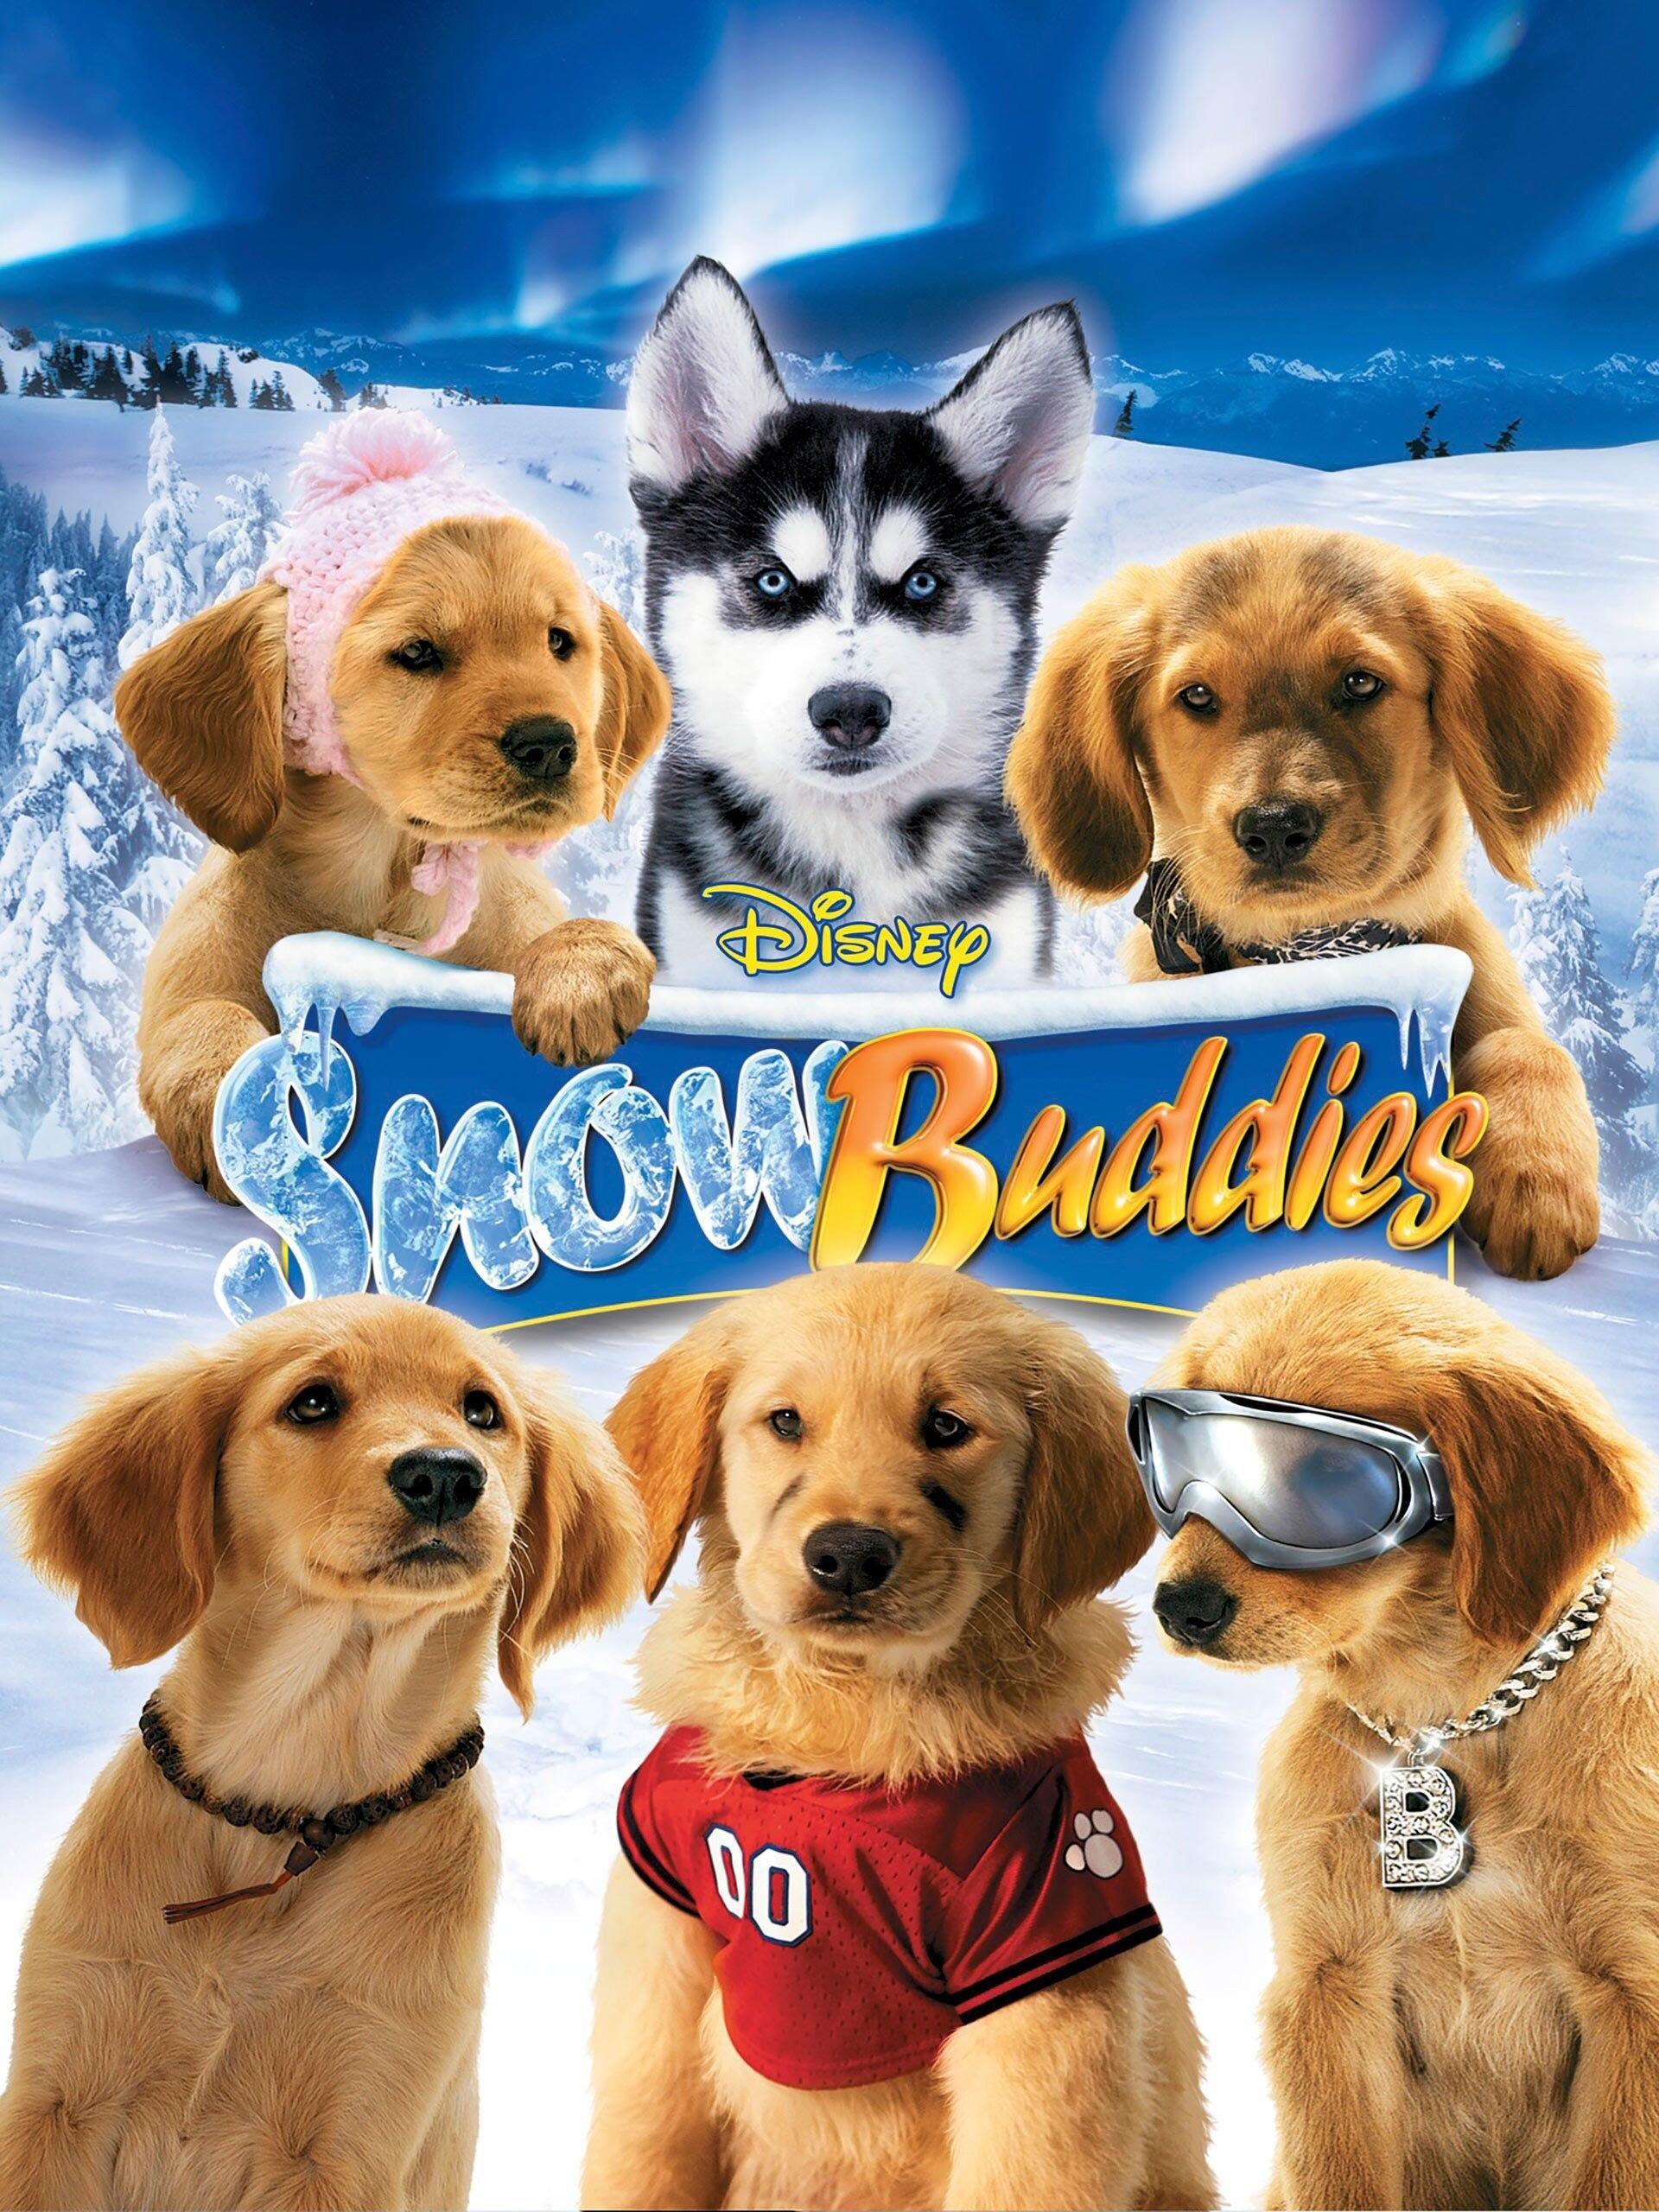 Snow Buddies 2008 Buddy Movie Dog Movies Disney Movies